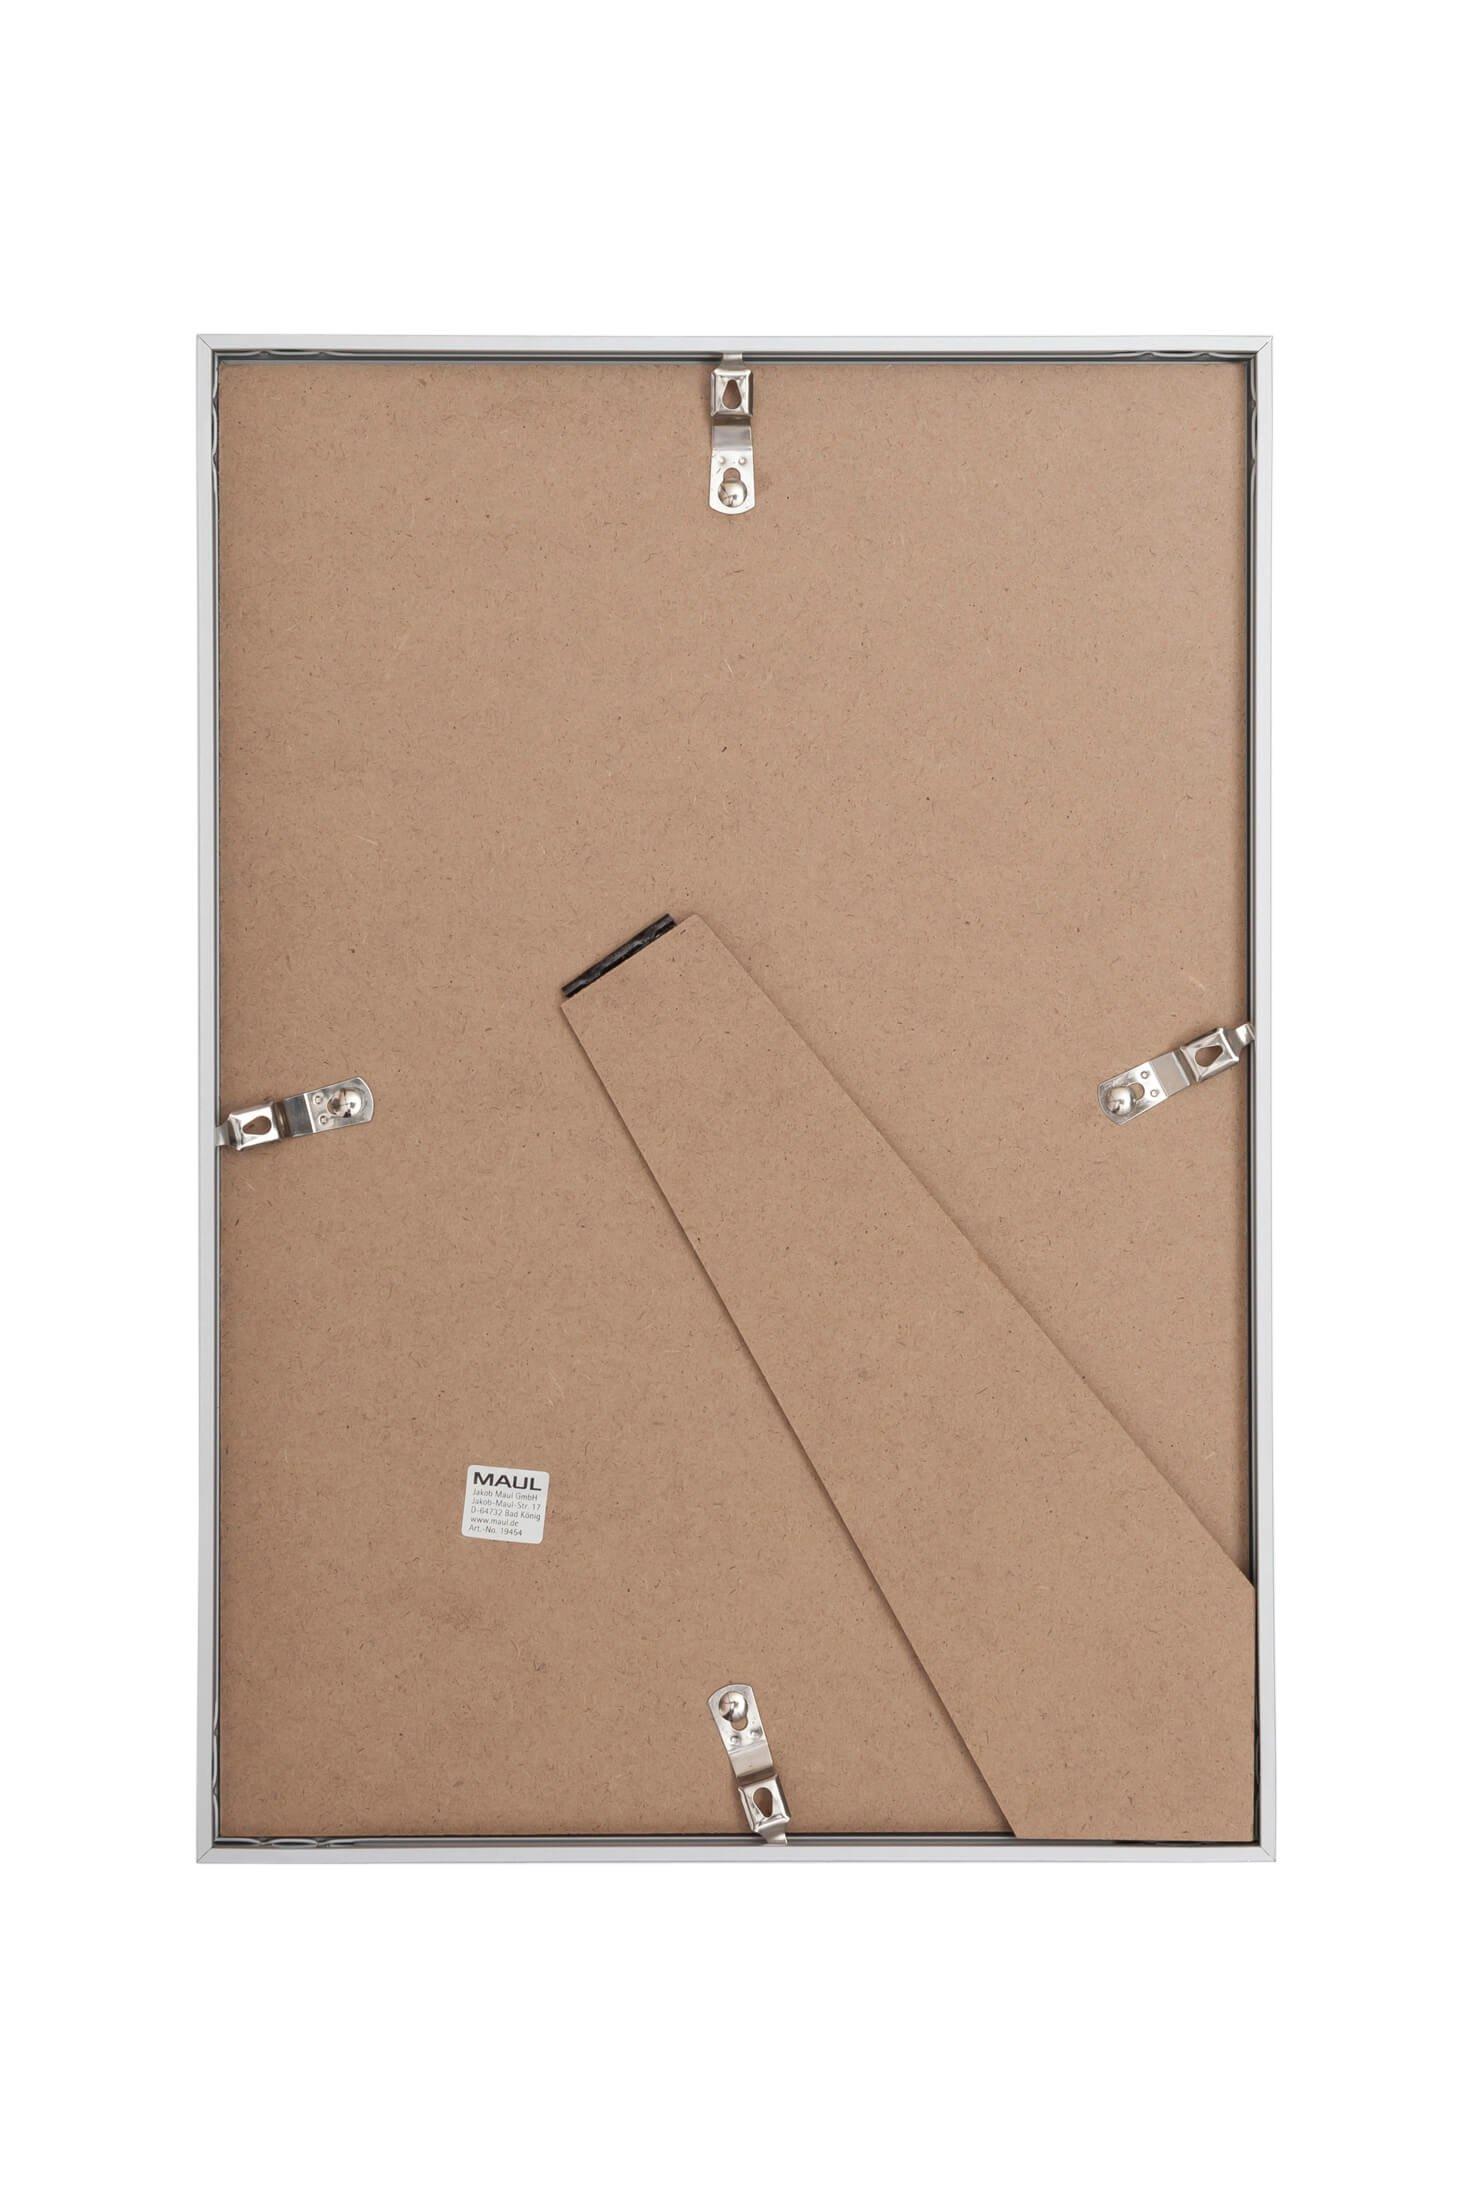 Bilderrahmen Aluminium, 21 x 30 cm, glasklar